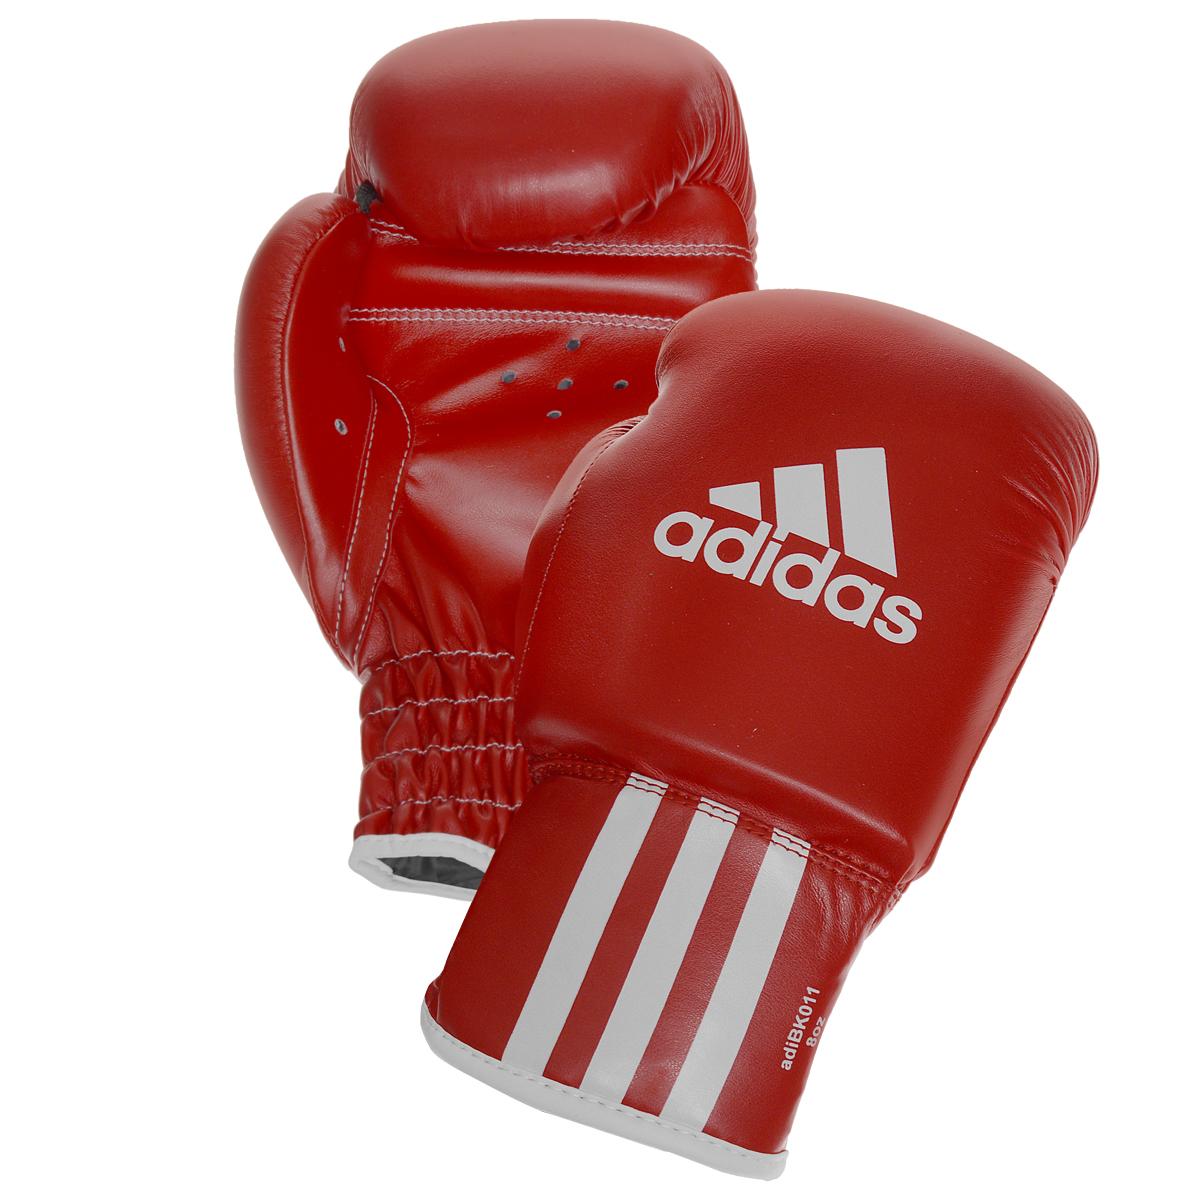 Перчатки боксерские Adidas Rookie-2, цвет: красный. adiBK011. Вес 8 унцийadiBK011Боксерские перчатки Adidas Rookie-2 изготовлены из мягкого полиуретана, который по своим качествам не уступает натуральной коже. Внутренний наполнитель из многослойной пены обеспечивет надежную защиту рук боксера и позволяя безопасно тренироваться в полную силу. Предварительно изогнутый крой перчатки позволяет боксеру держать кулак в правильном положении. Загнутый параллельно кулаку большой палец обеспечивает безопасность при нанесении ударов и защищает большой палец от вывихов и травм. Внутренняя подкладка и вентиляционные отверстия на ладони создают максимальный уровень комфорта для рук, поддерживая оптимальный микроклимат внутри перчаток.